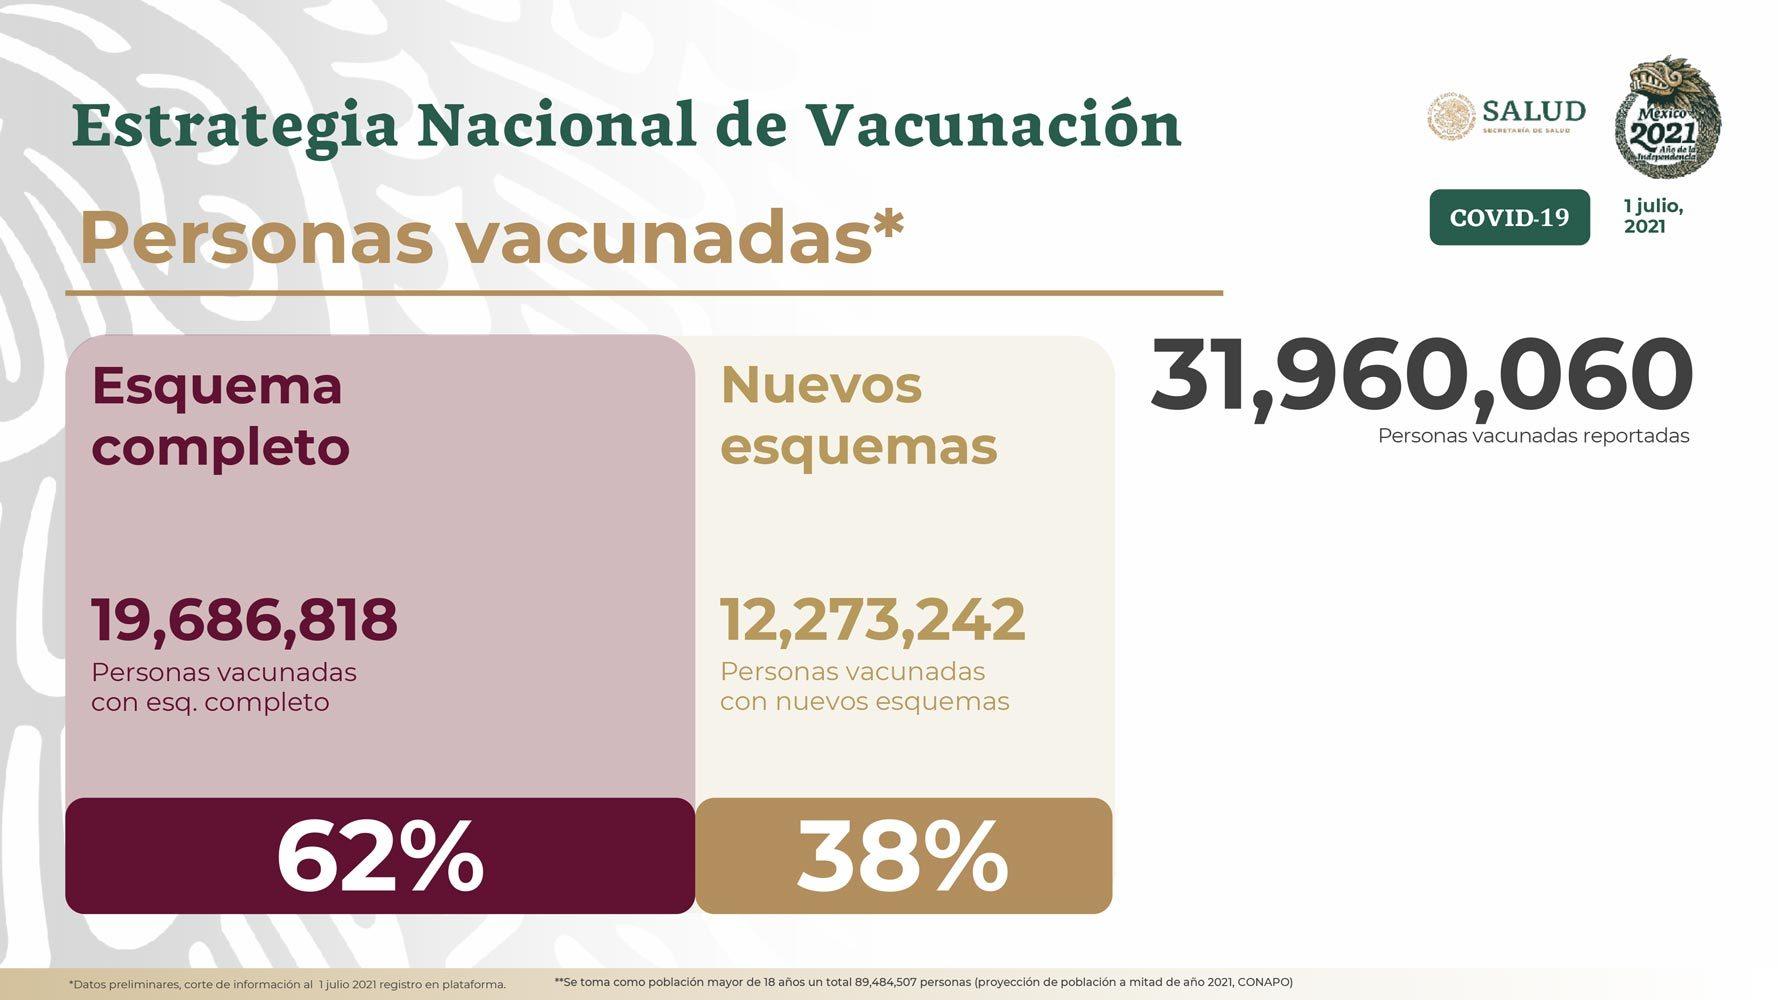 Vacuna Covid-19 México 3 de julio: ¿Cuántas dosis se han aplicado y cuántos casos de coronavirus van al momento?